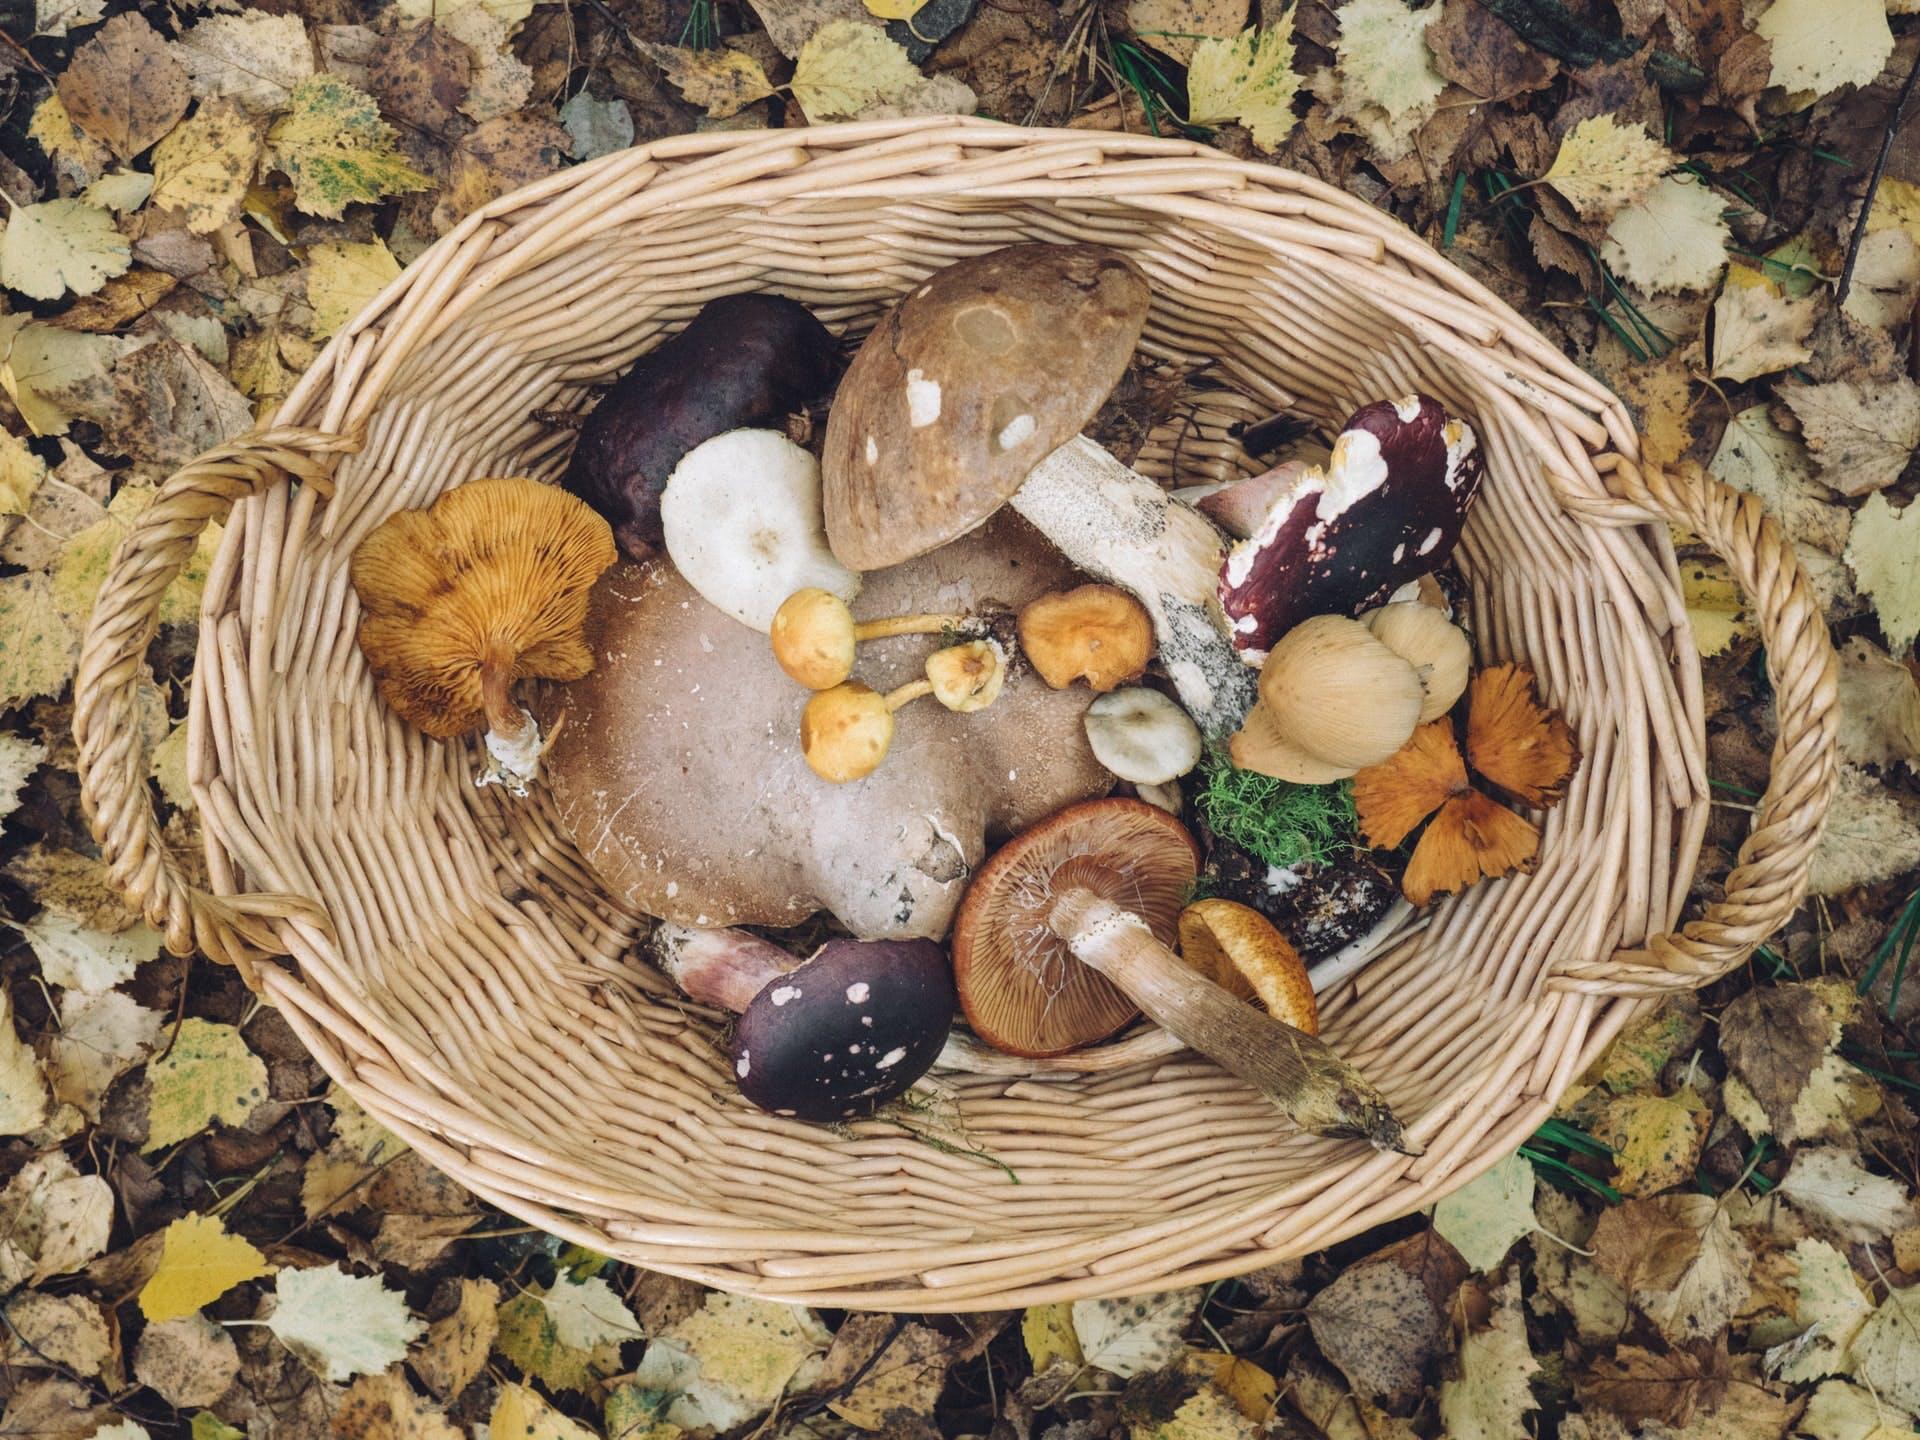 hamper of wild mushrooms